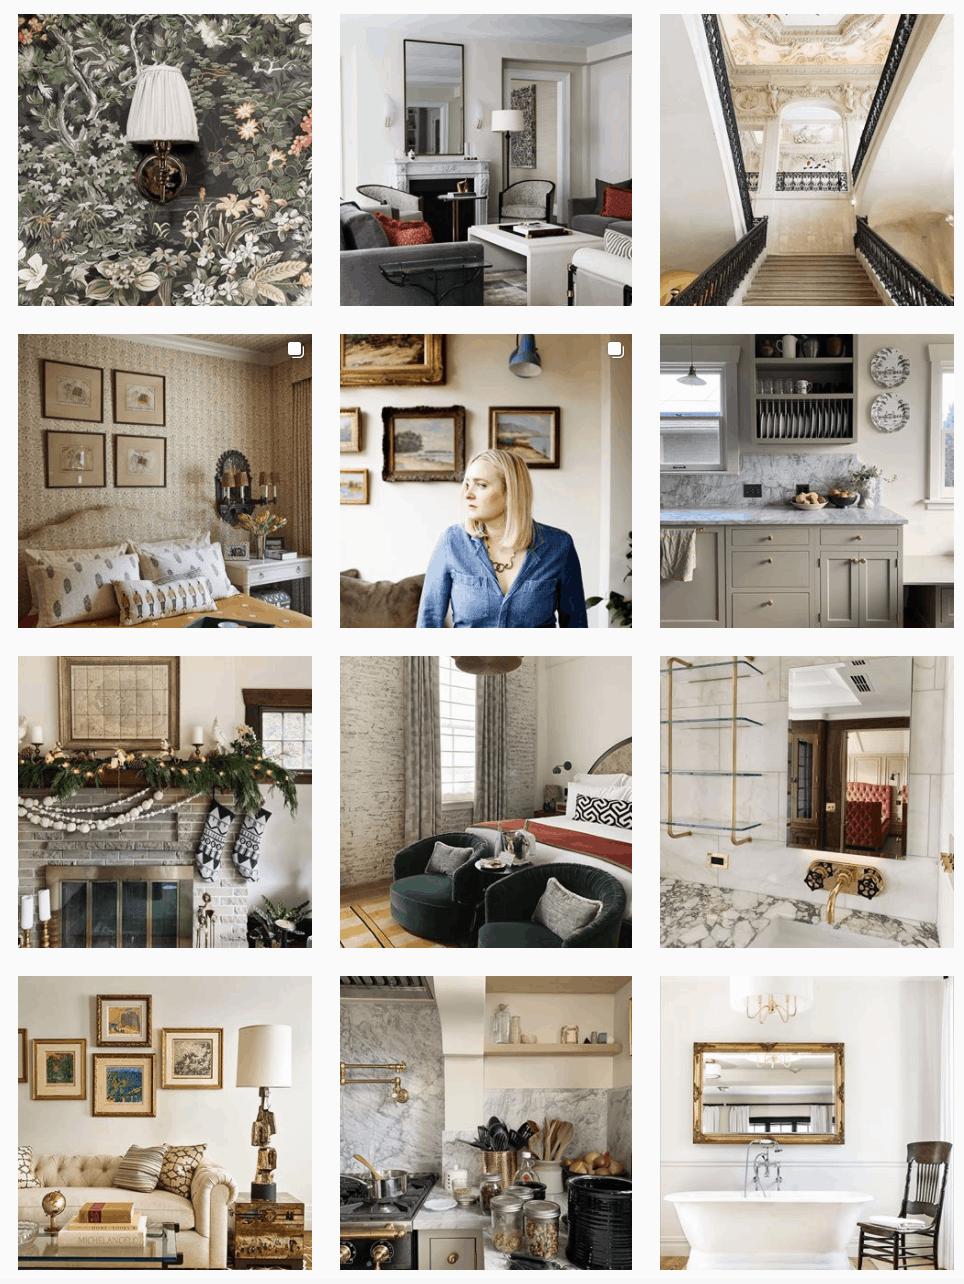 studio-la-loc-seattle-interior-designer